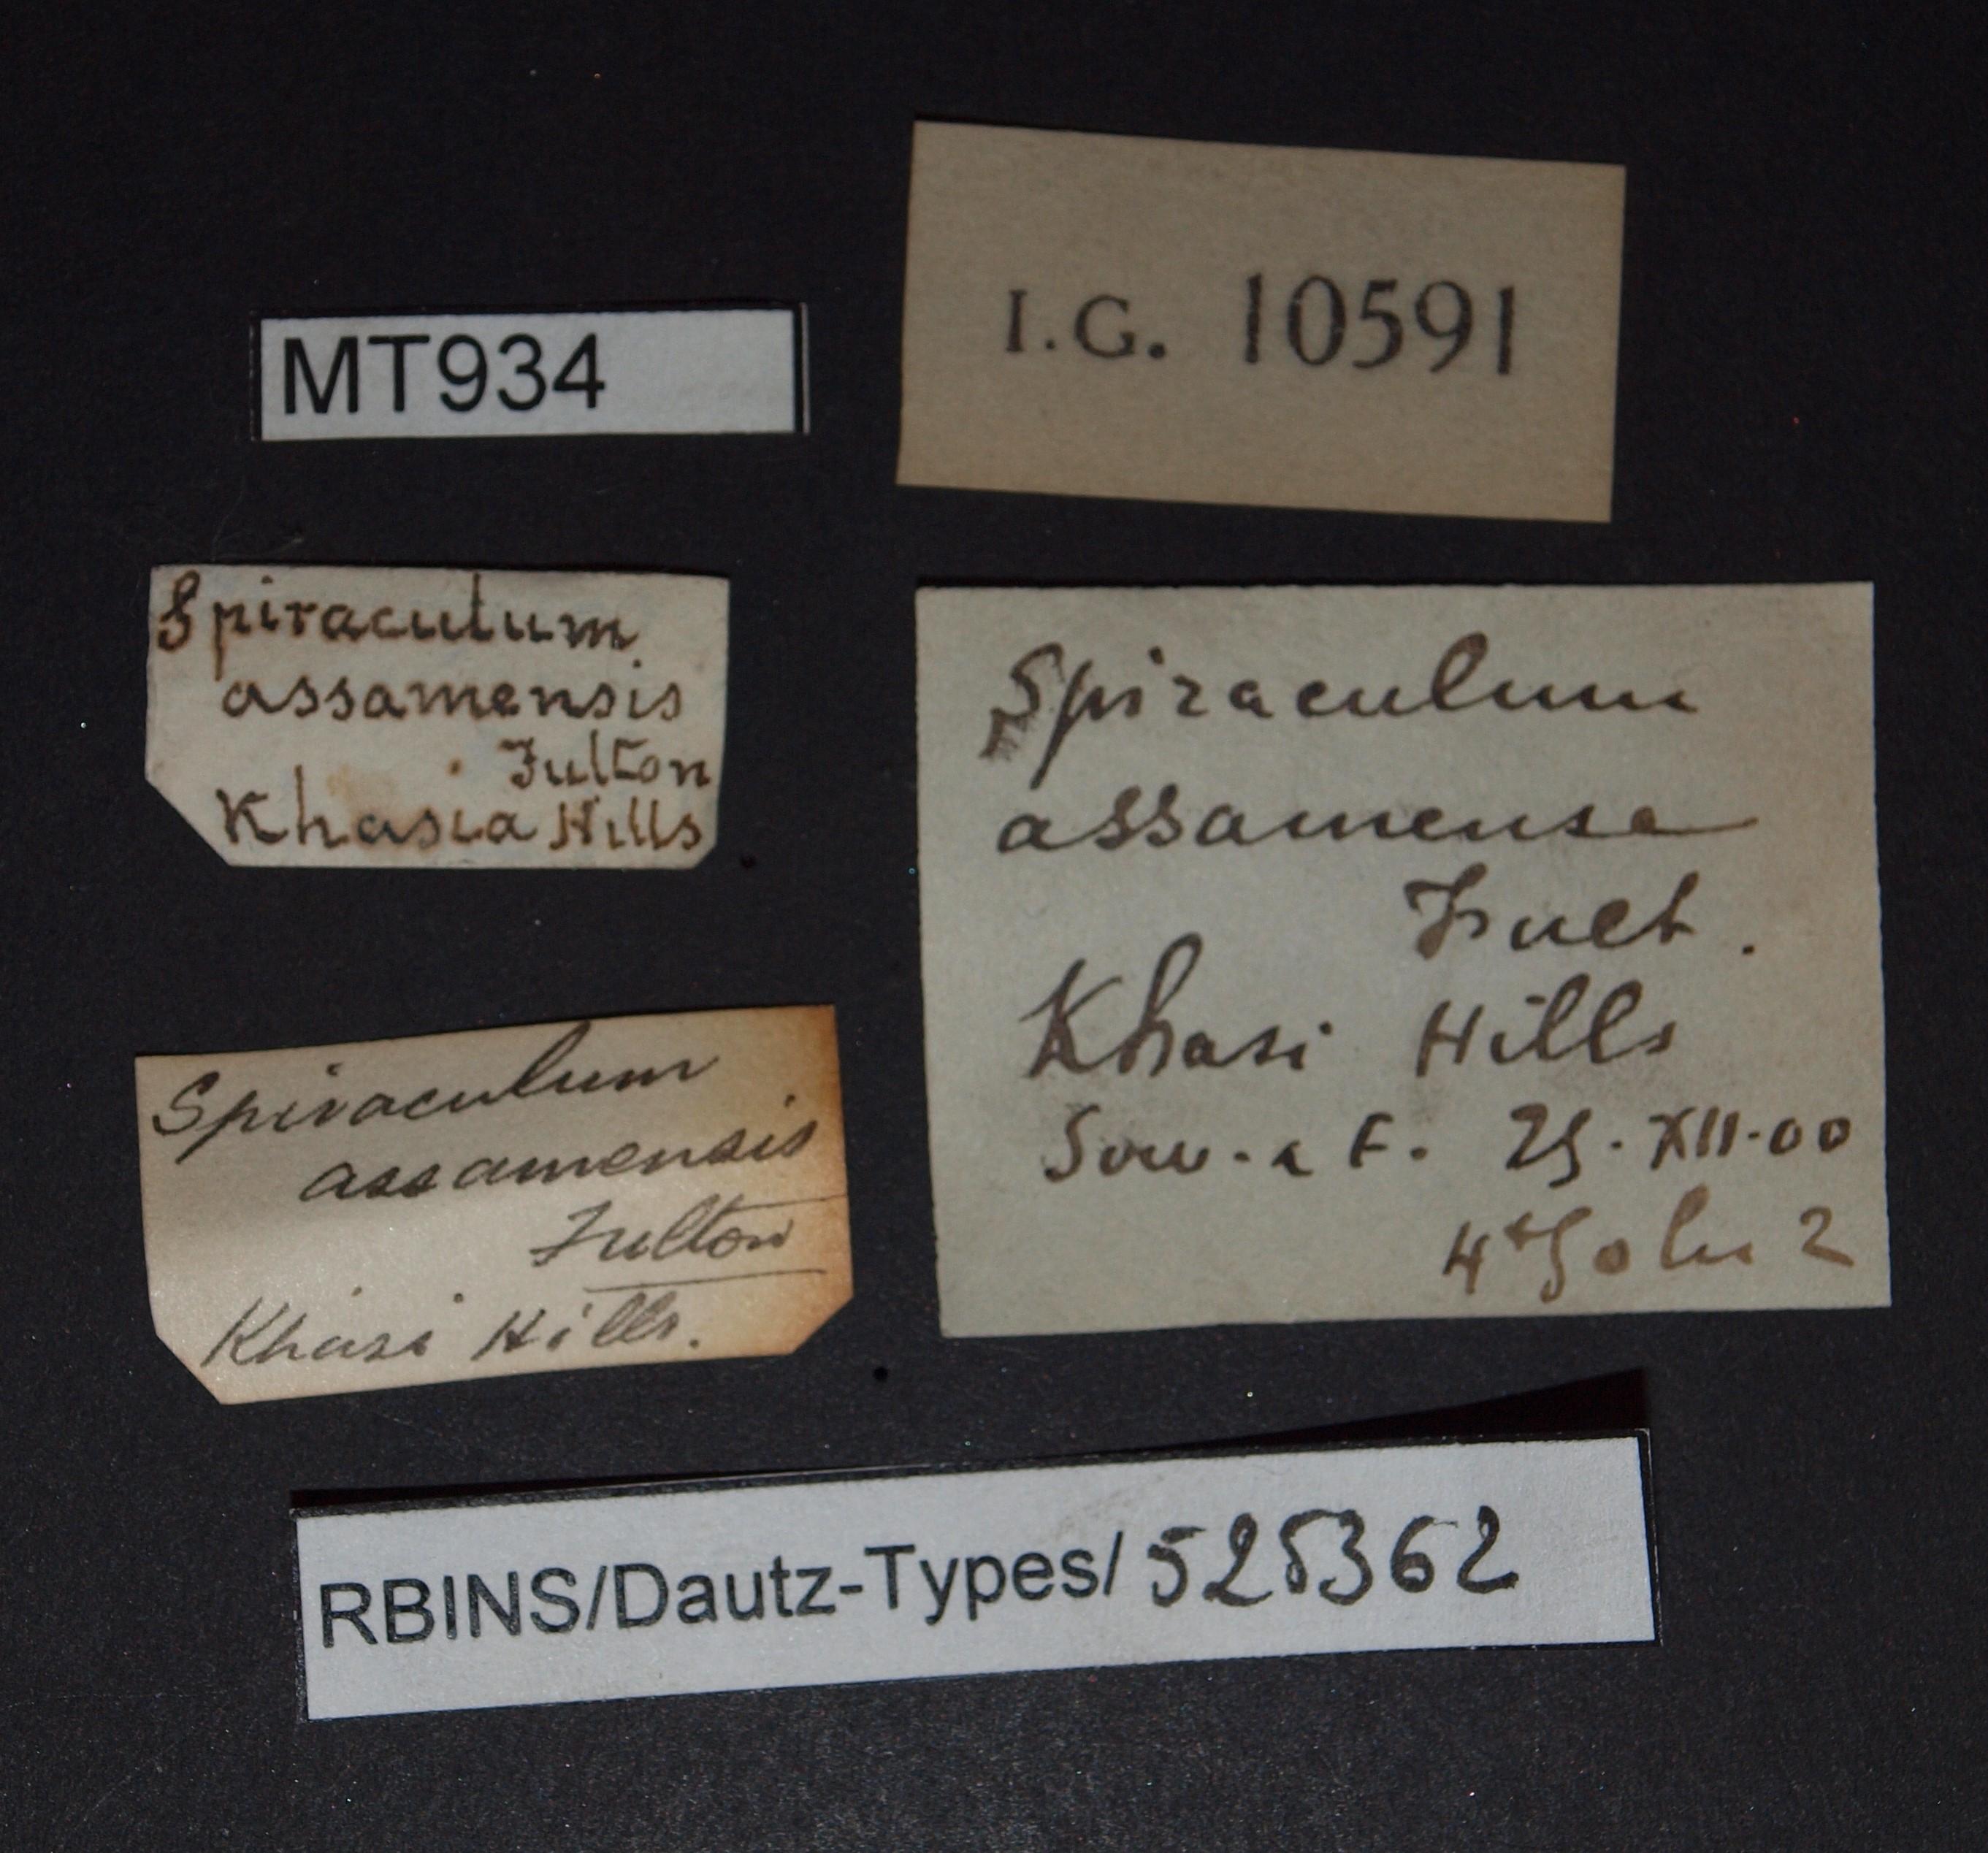 Spiraculum assemense pt.JPG